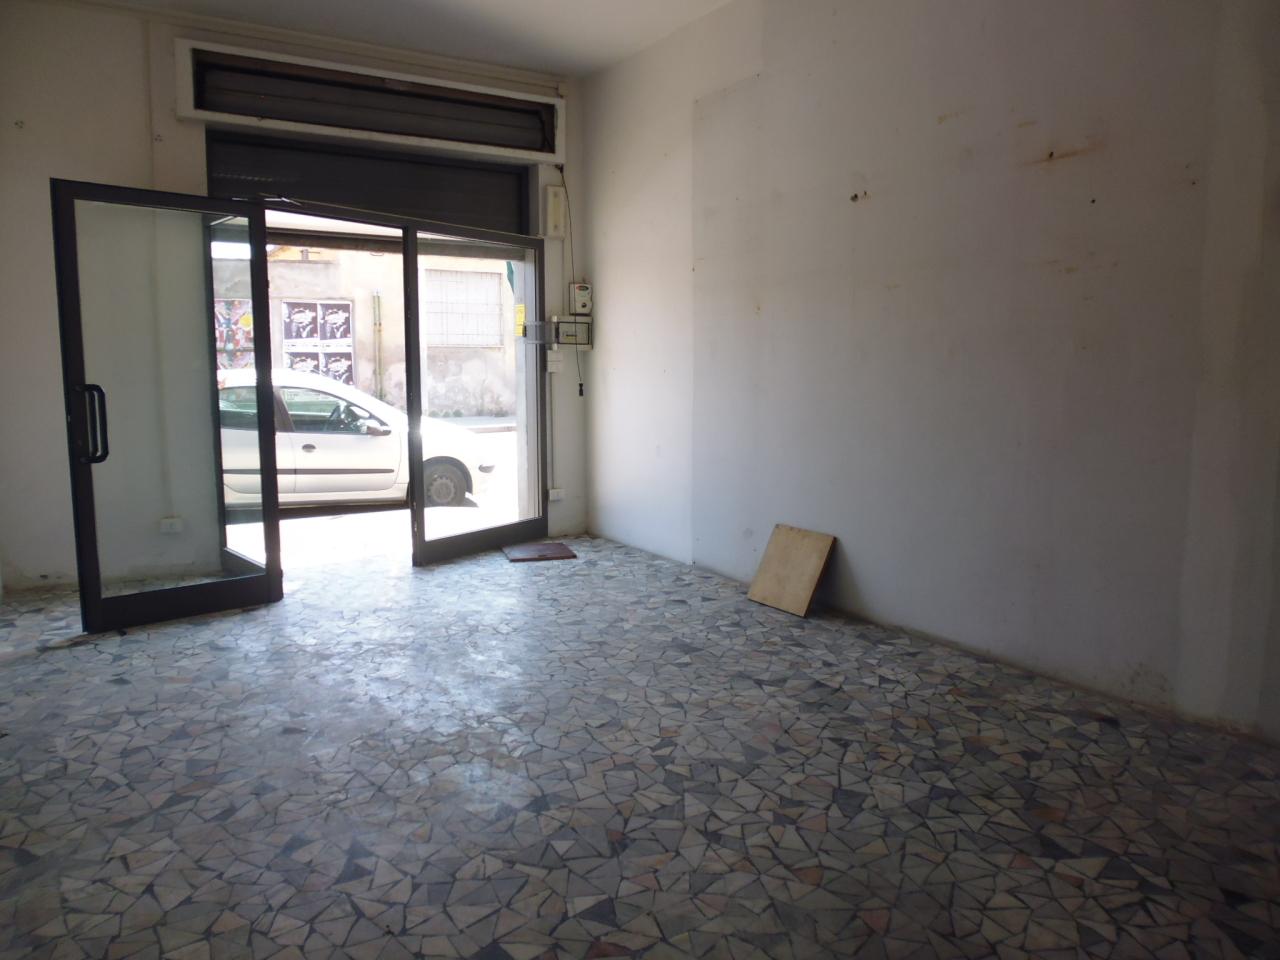 Capannone in affitto a Livorno, 1 locali, prezzo € 250 | Cambio Casa.it